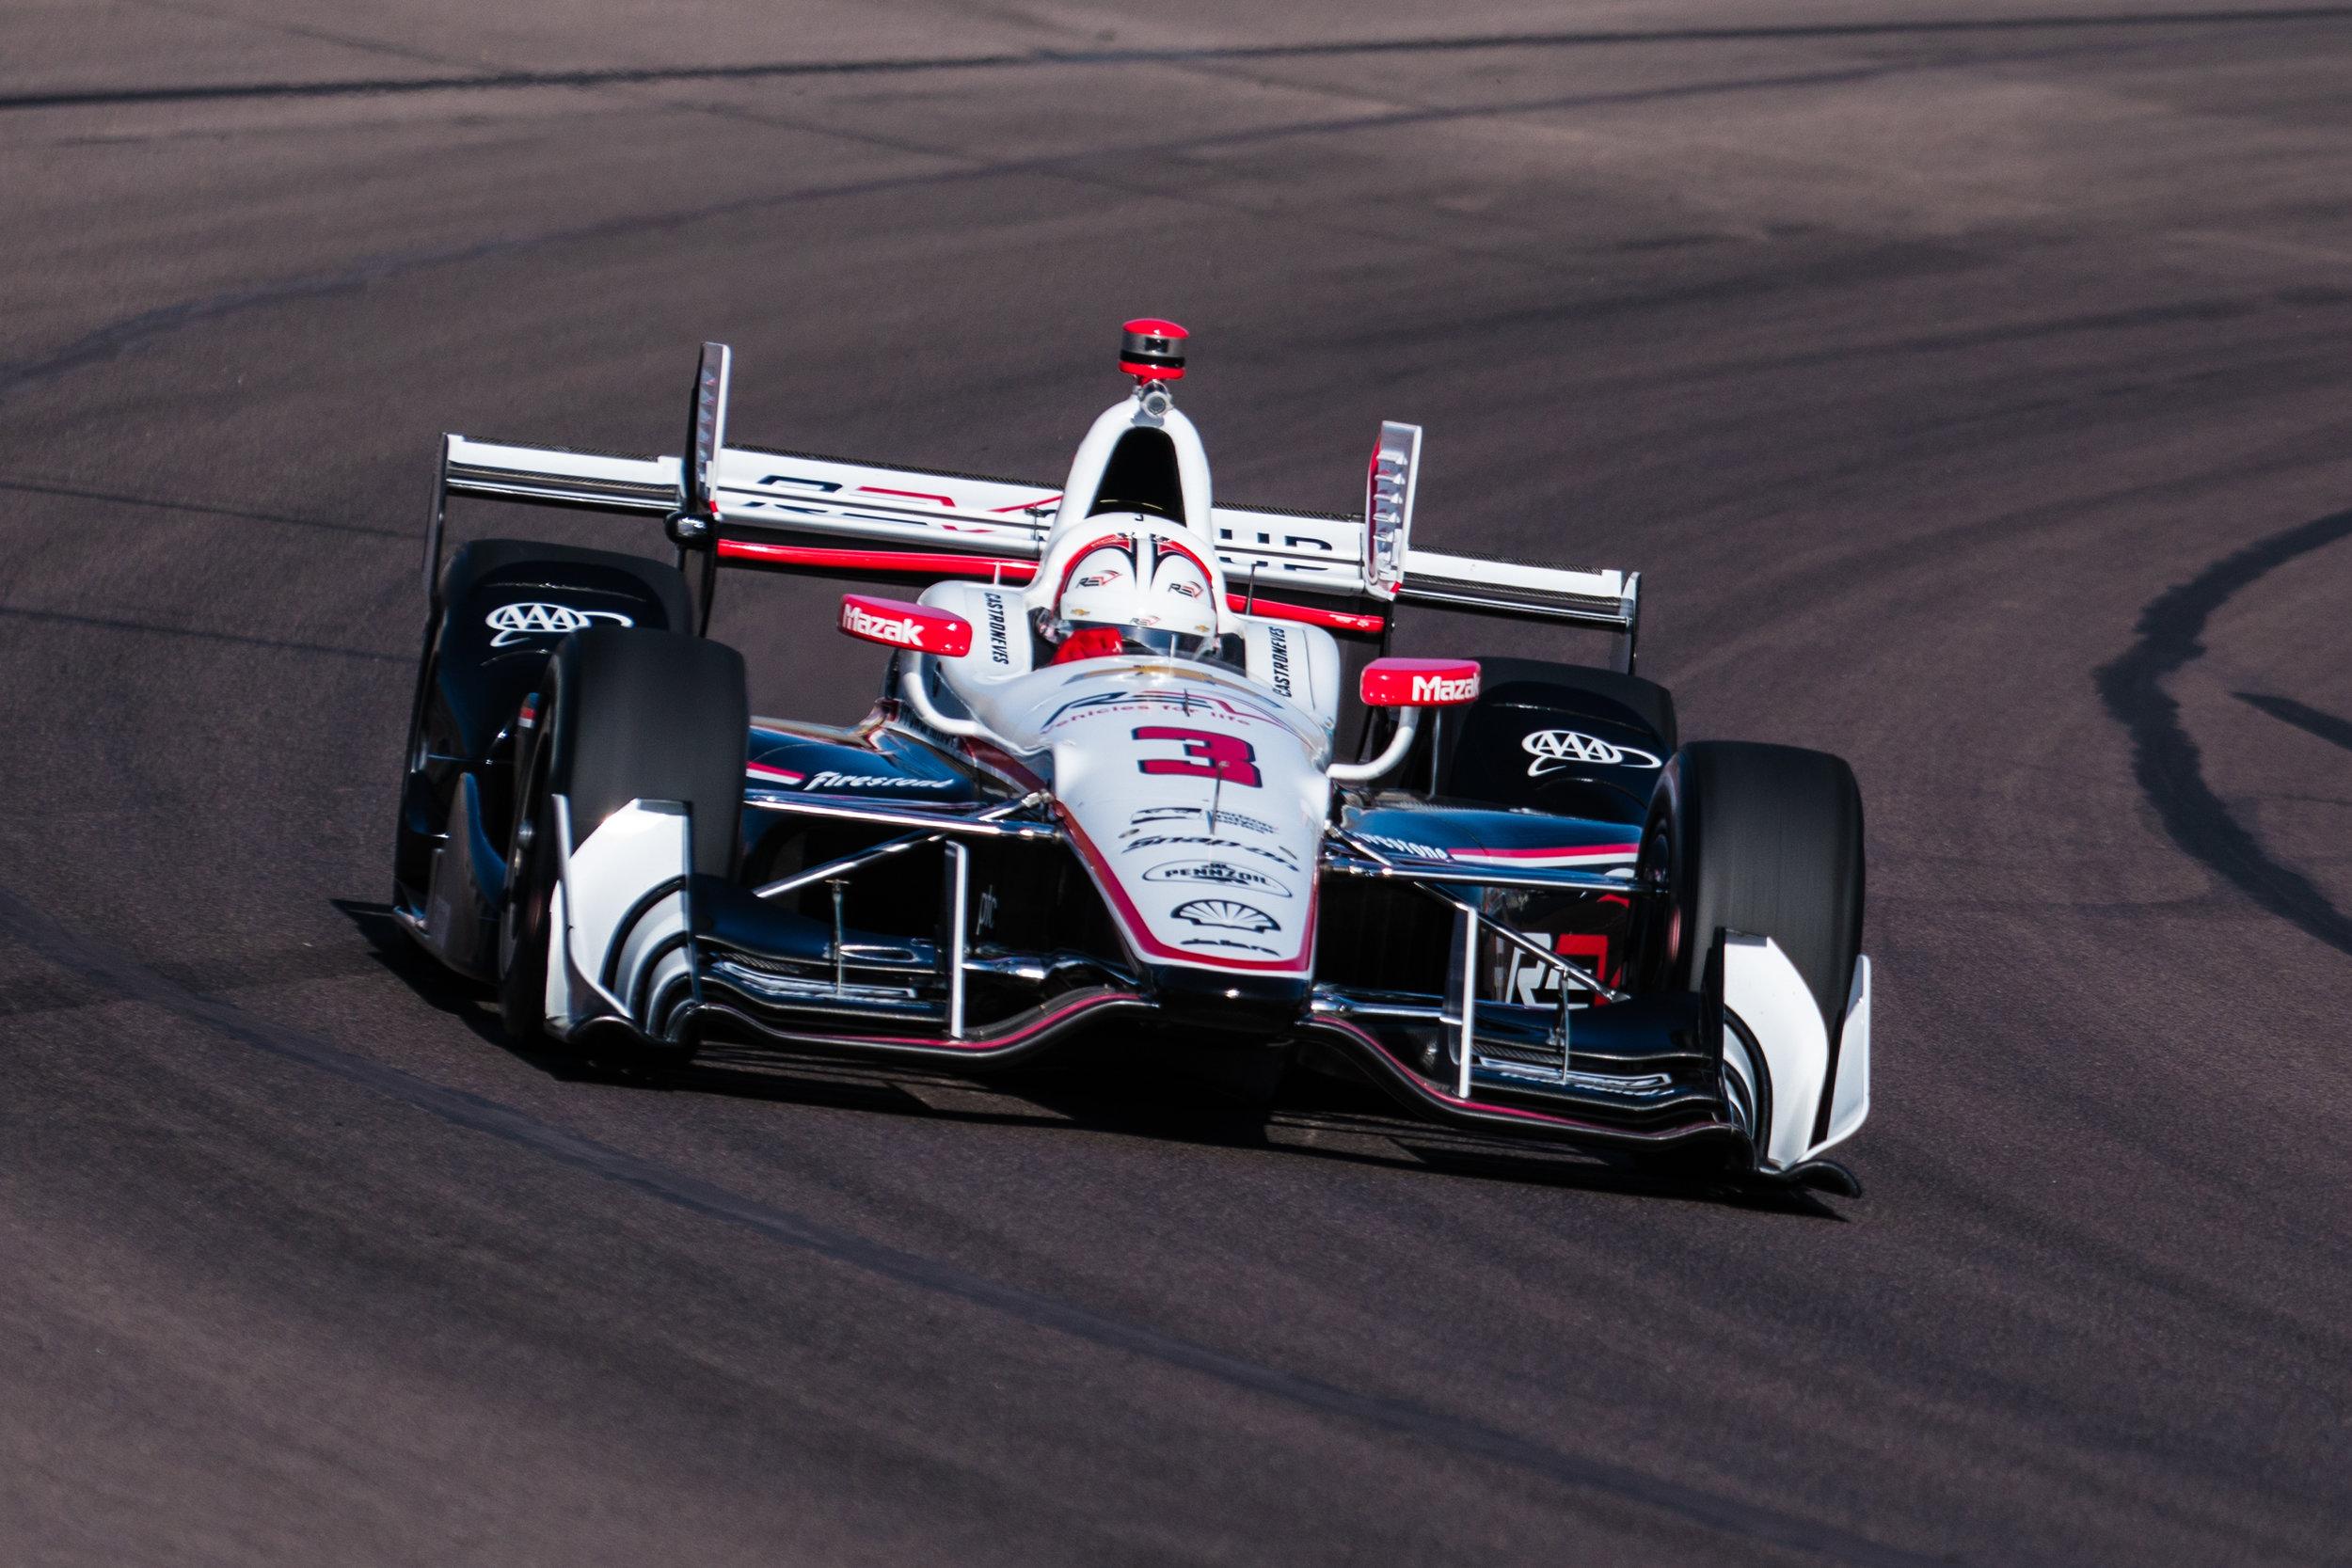 TFF_IndyCar_PIR_Qualifying_Day-22.jpg